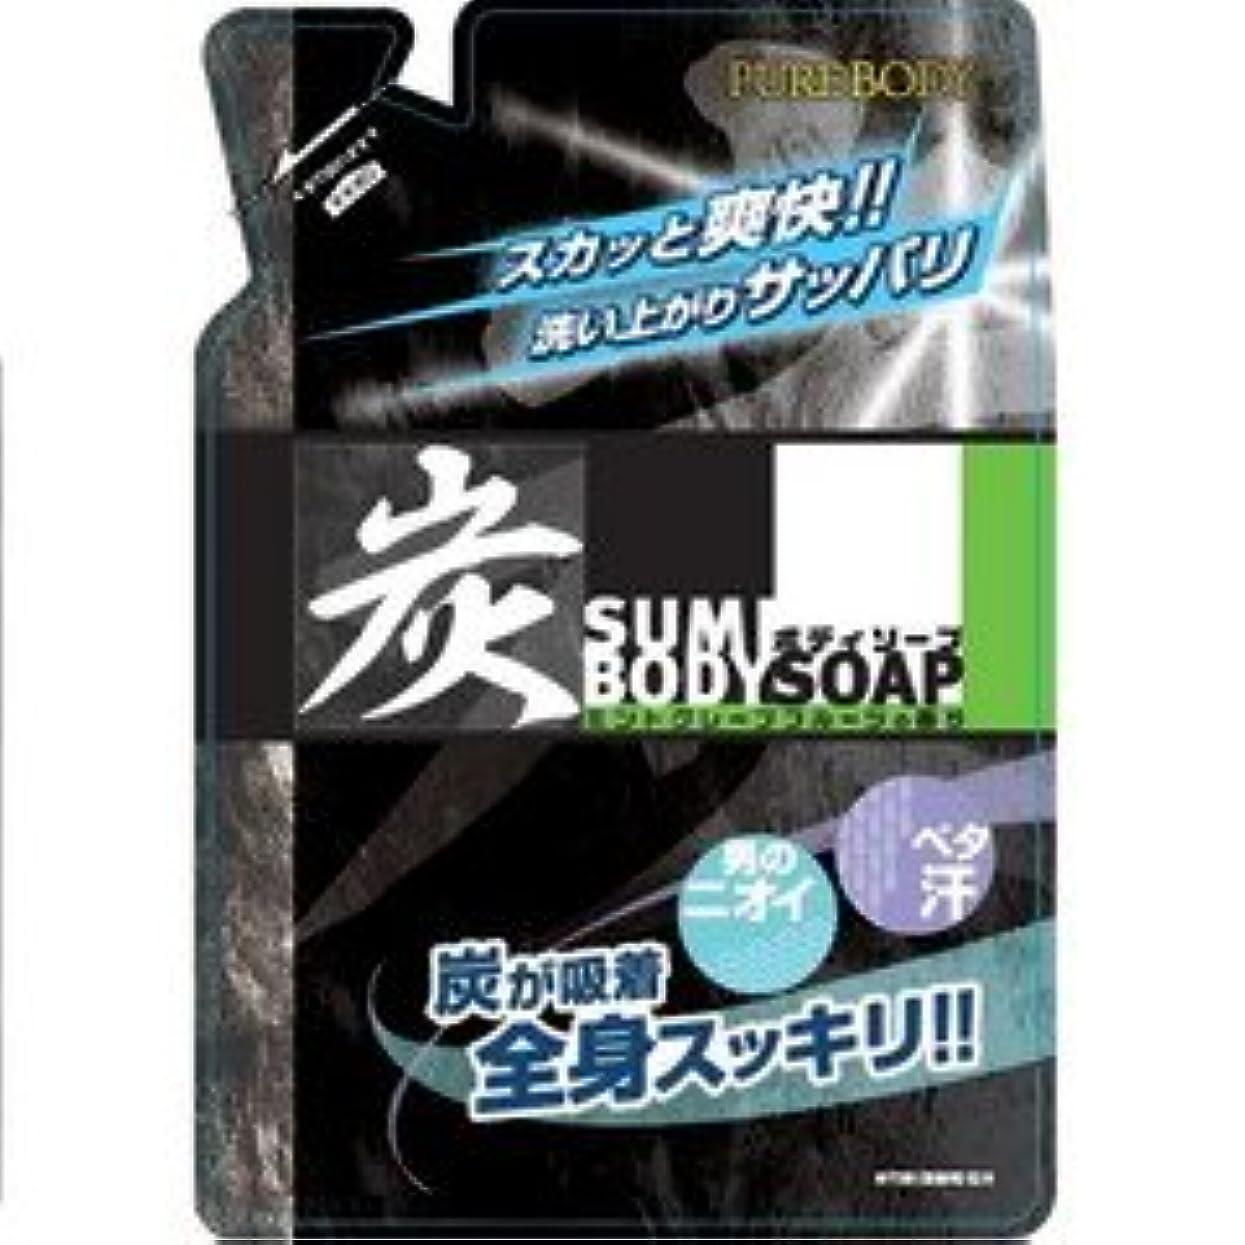 加入損なうミル炭ボディソープ ミントグレープフルーツの香り 400ml